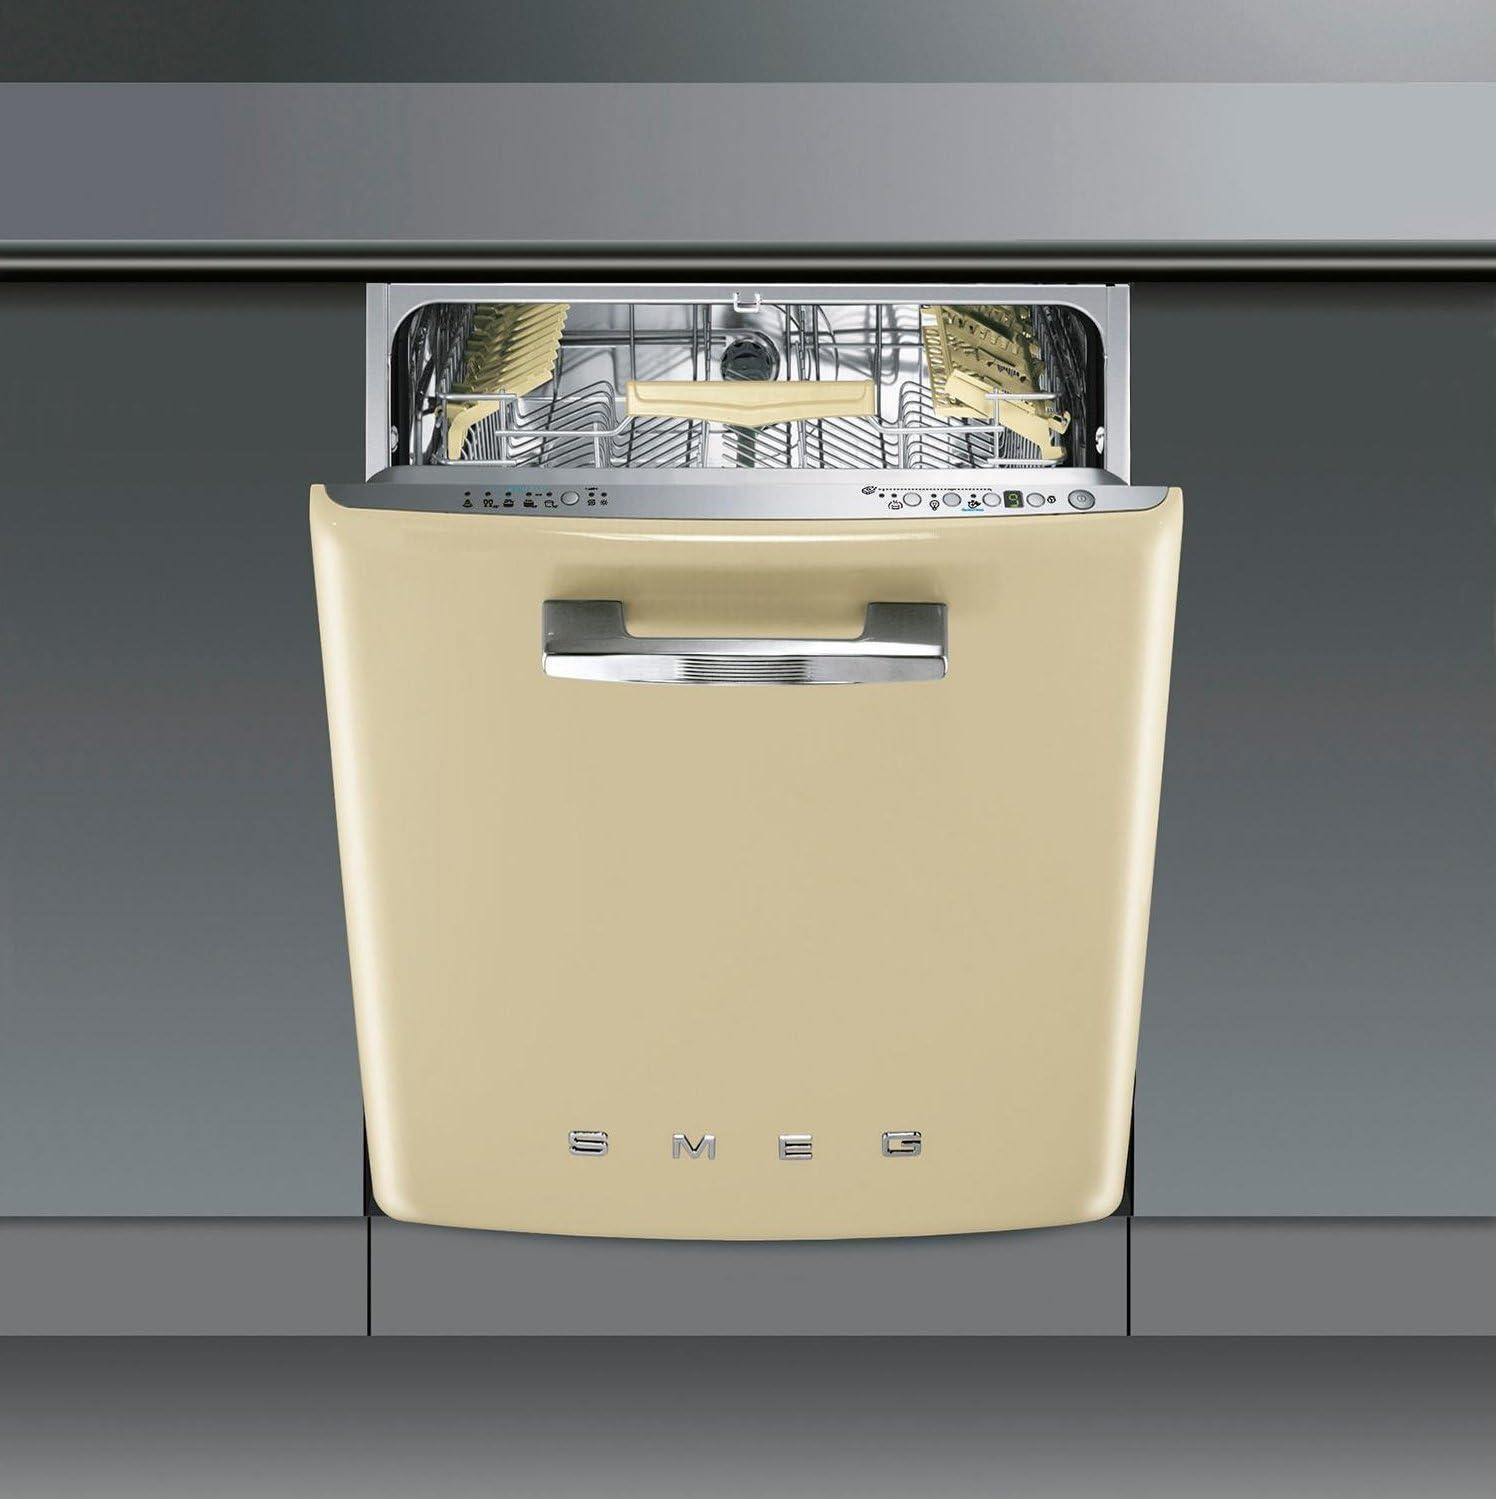 Smeg ST2FABP Bajo encimera 13cubiertos A+++ lavavajilla ...